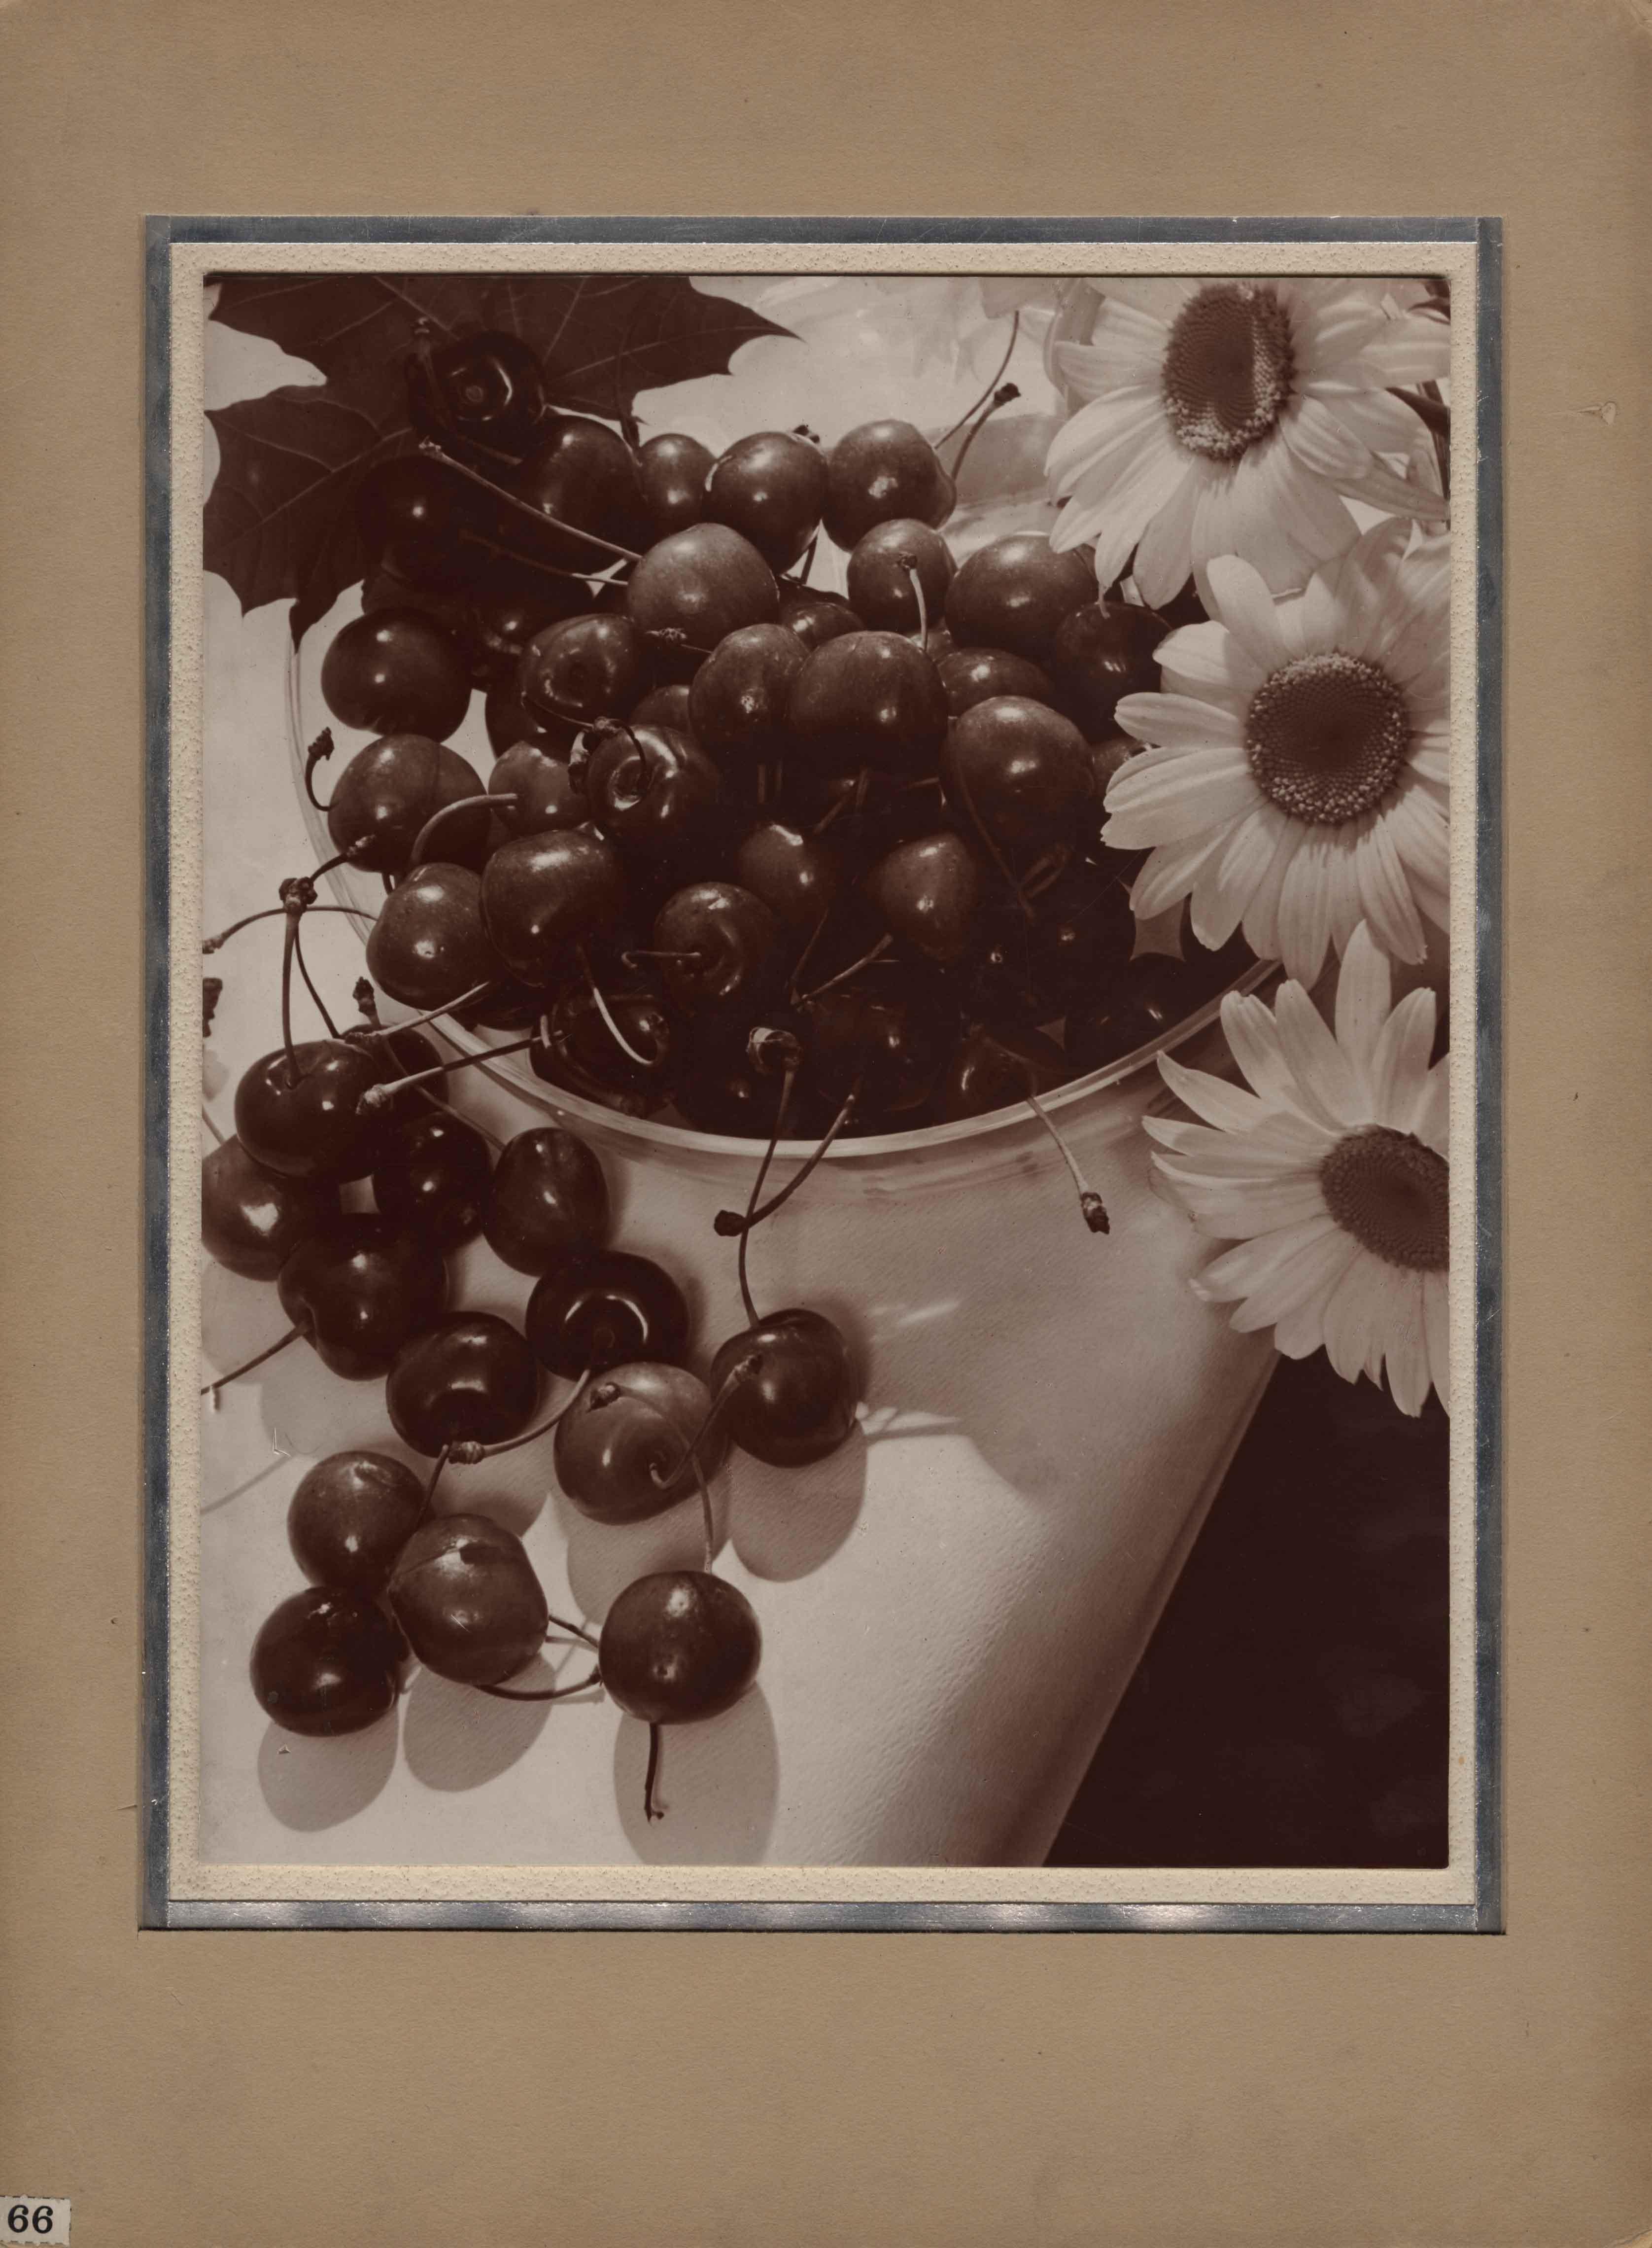 Fotó: Pécsi József: Cseresznye tálban, 1930-as évek © Magyar Fotográfiai Múzeum